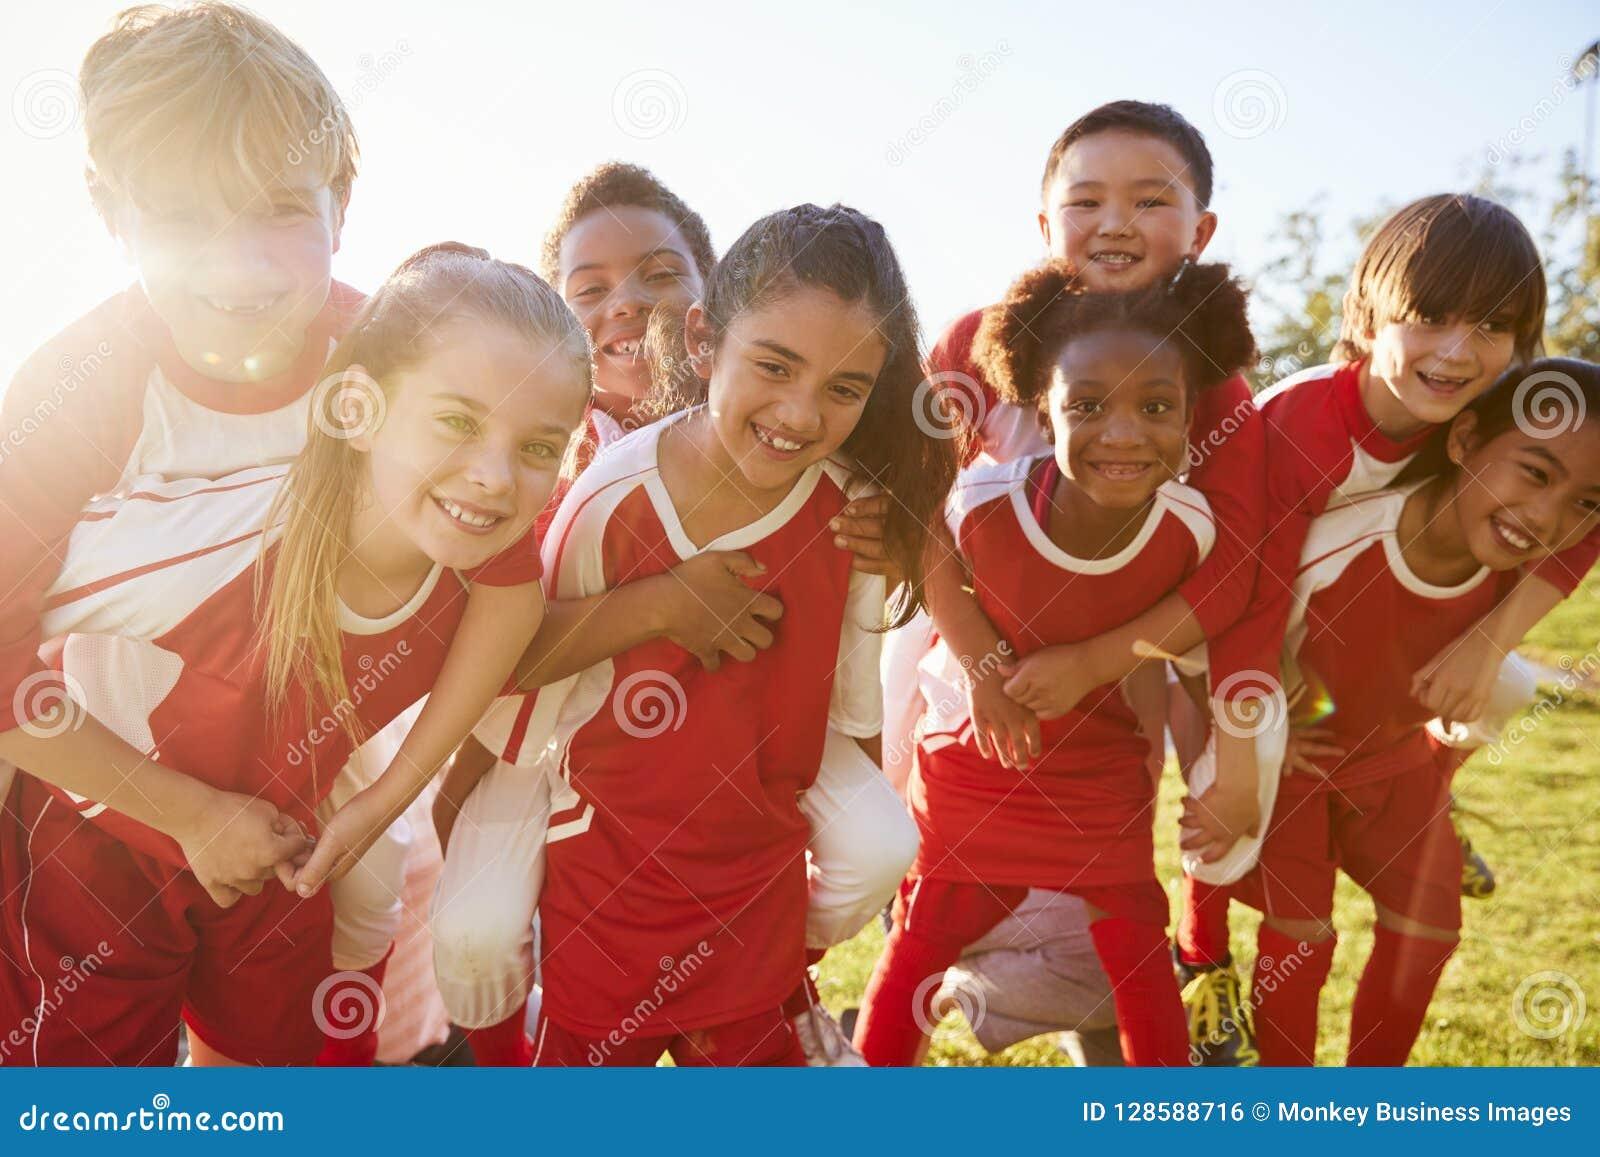 Παιδιά στην αθλητική ομάδα δημοτικών σχολείων piggybacking υπαίθρια